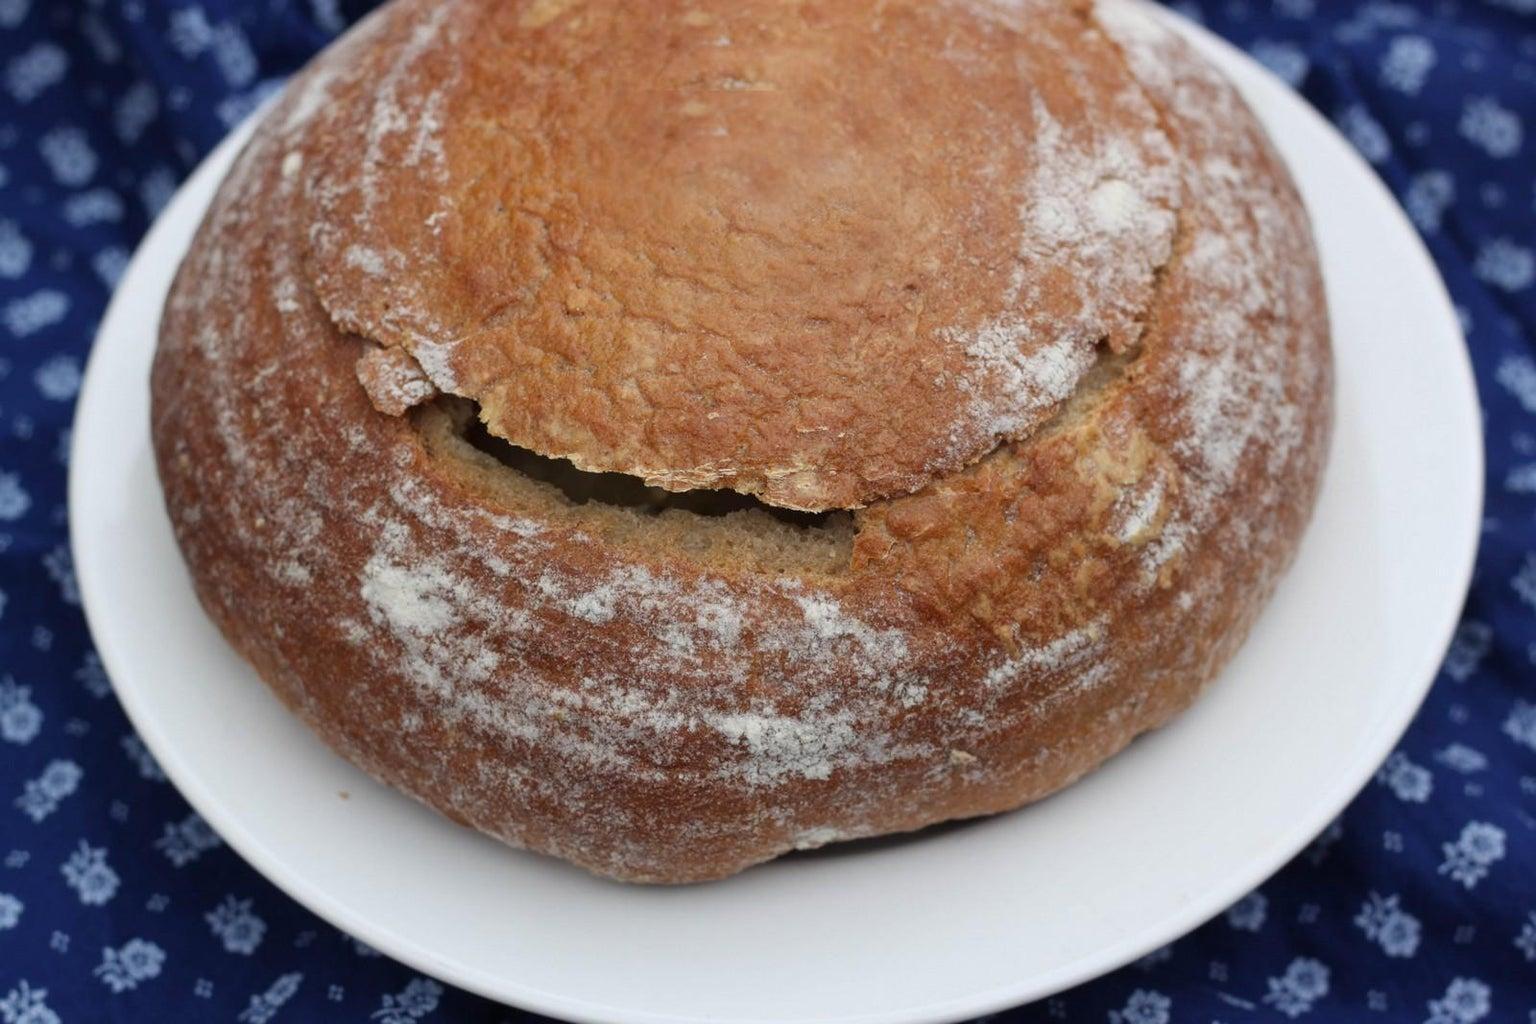 Prepare the Bread and Serve